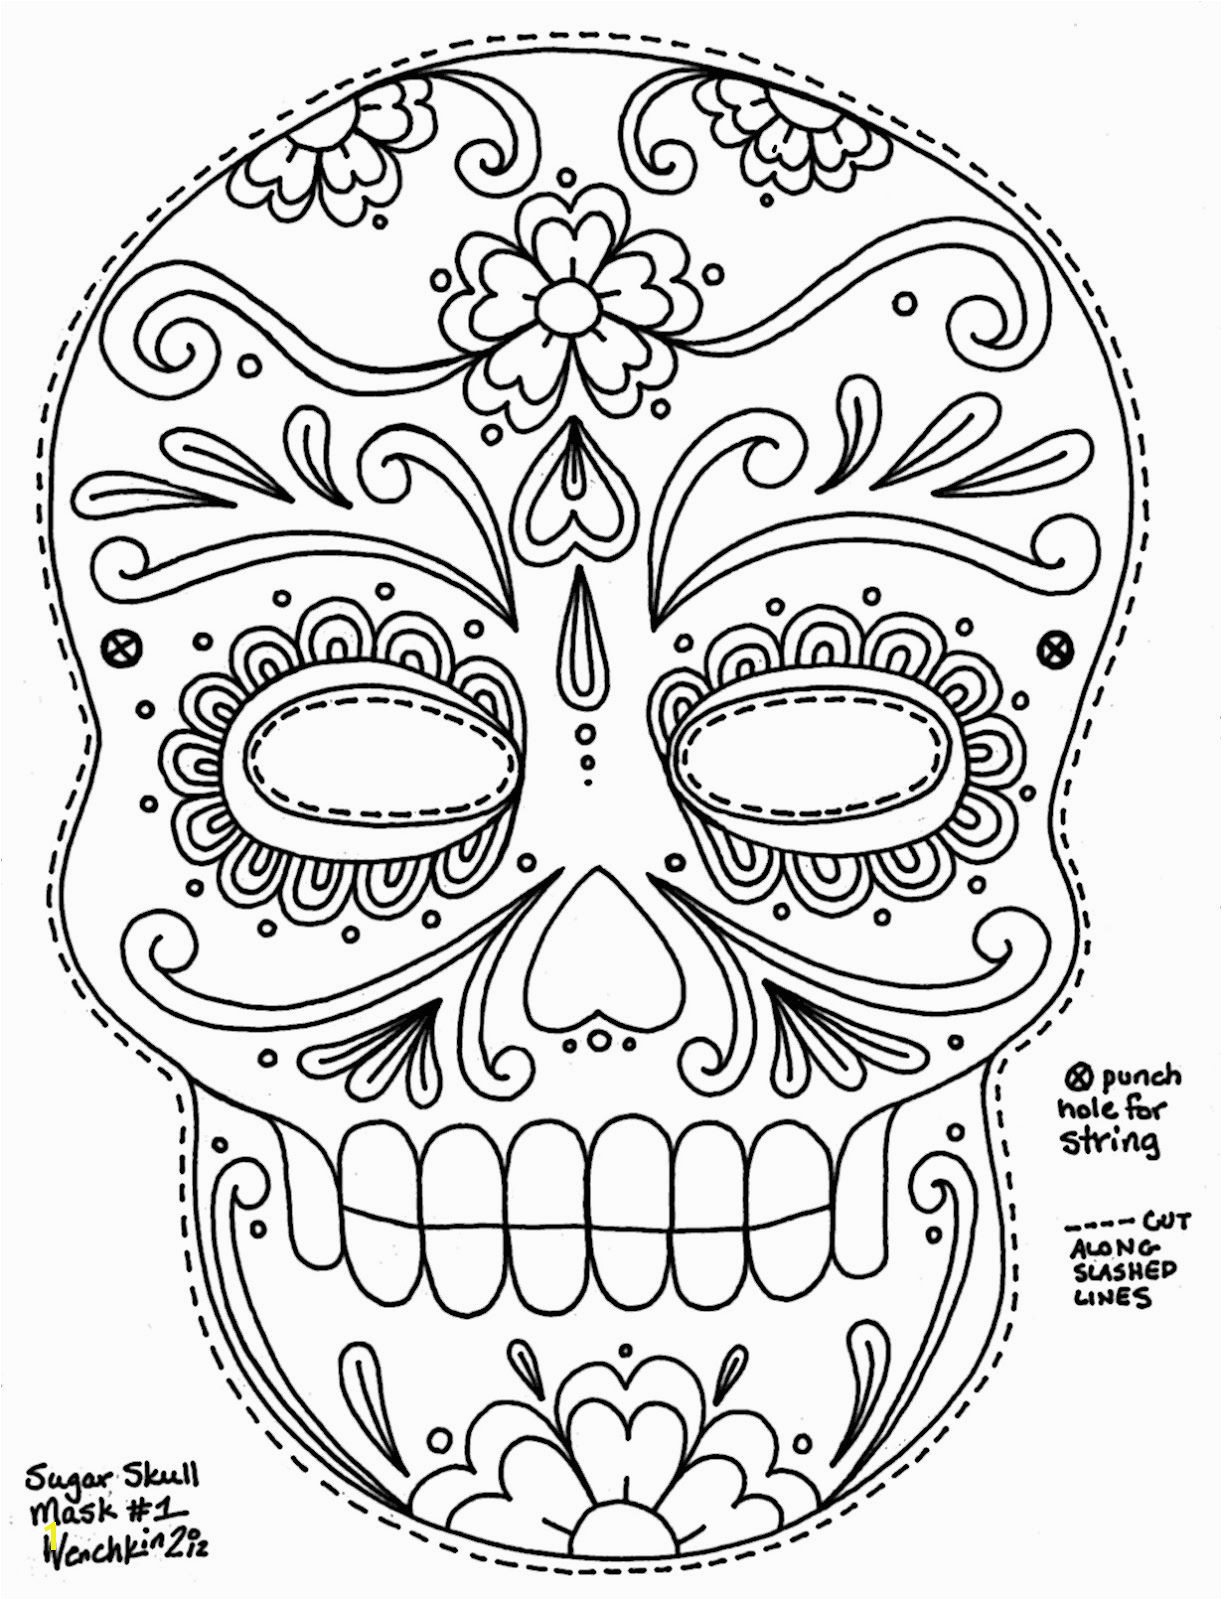 Calavera Mask Coloring Page Sugar Skull Coloring Pages